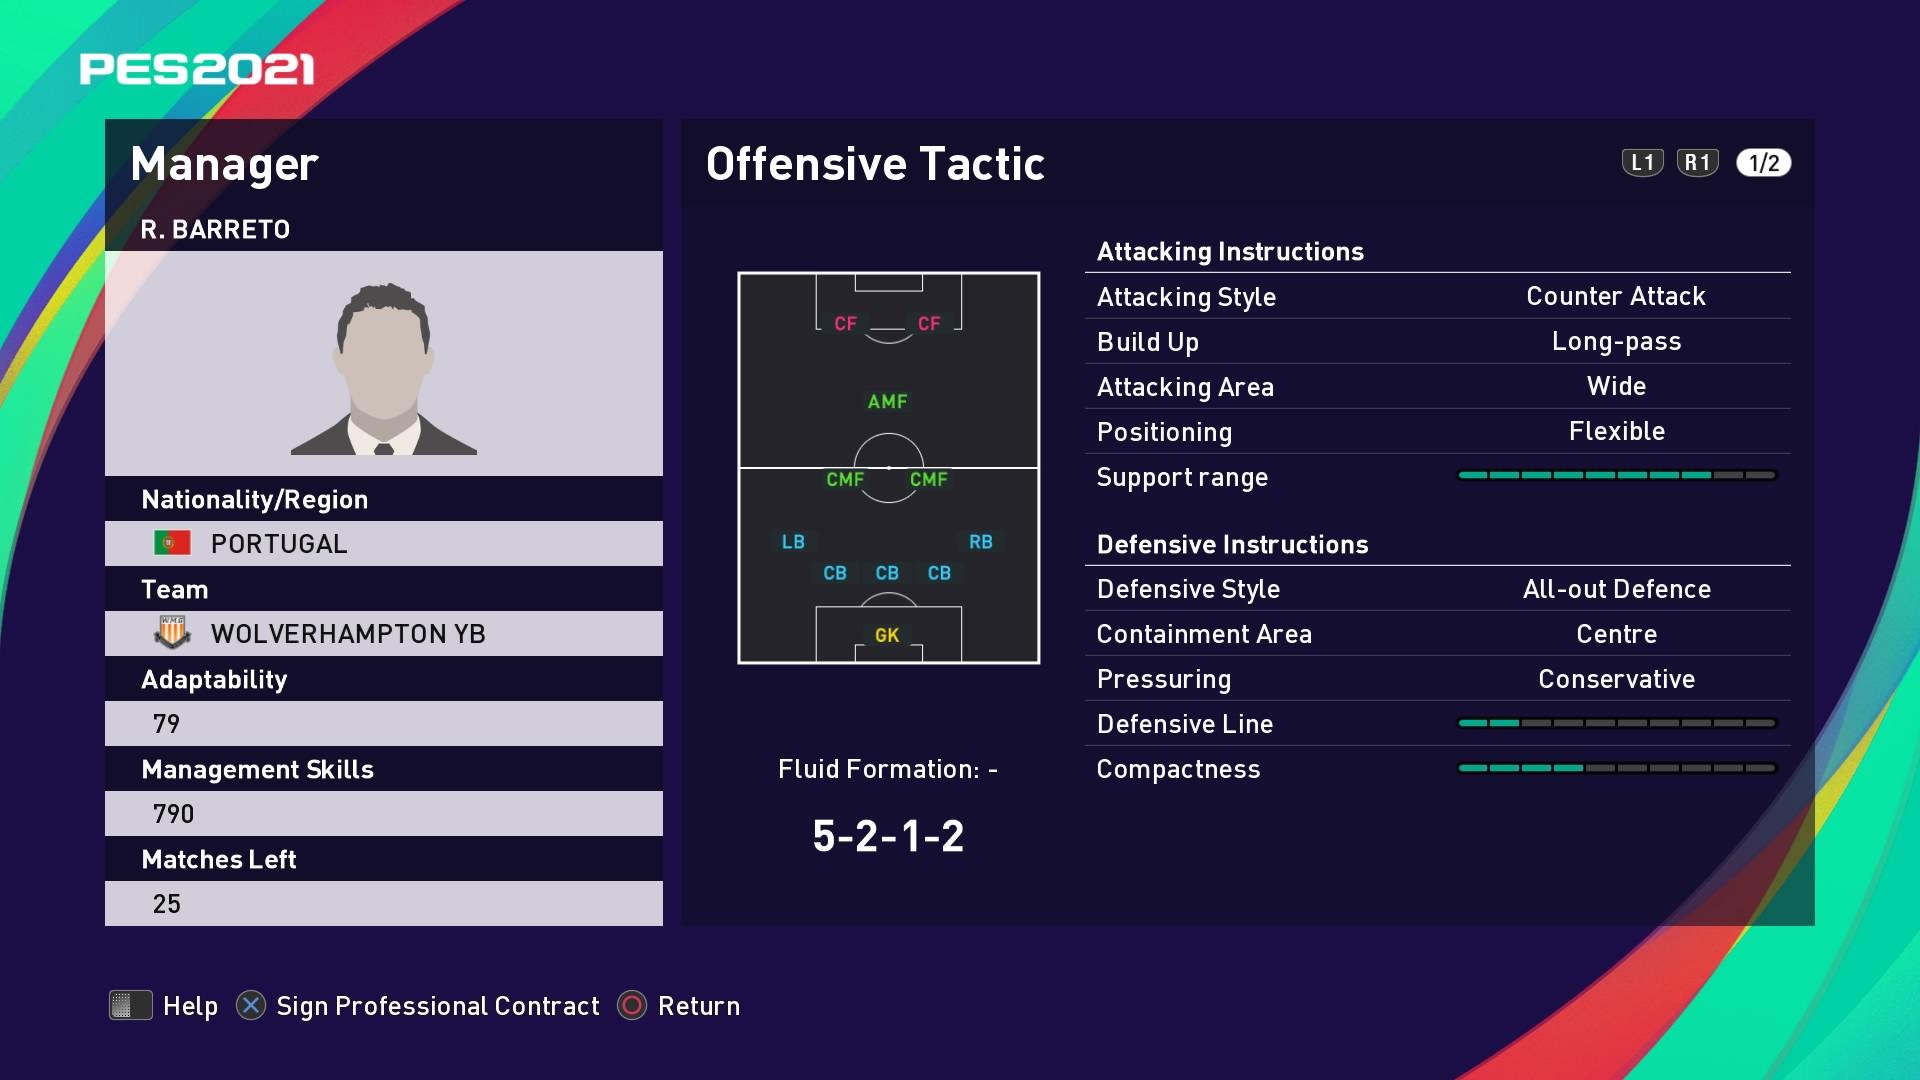 R. Barreto (Nuno Espírito Santo) Offensive Tactic in PES 2021 myClub